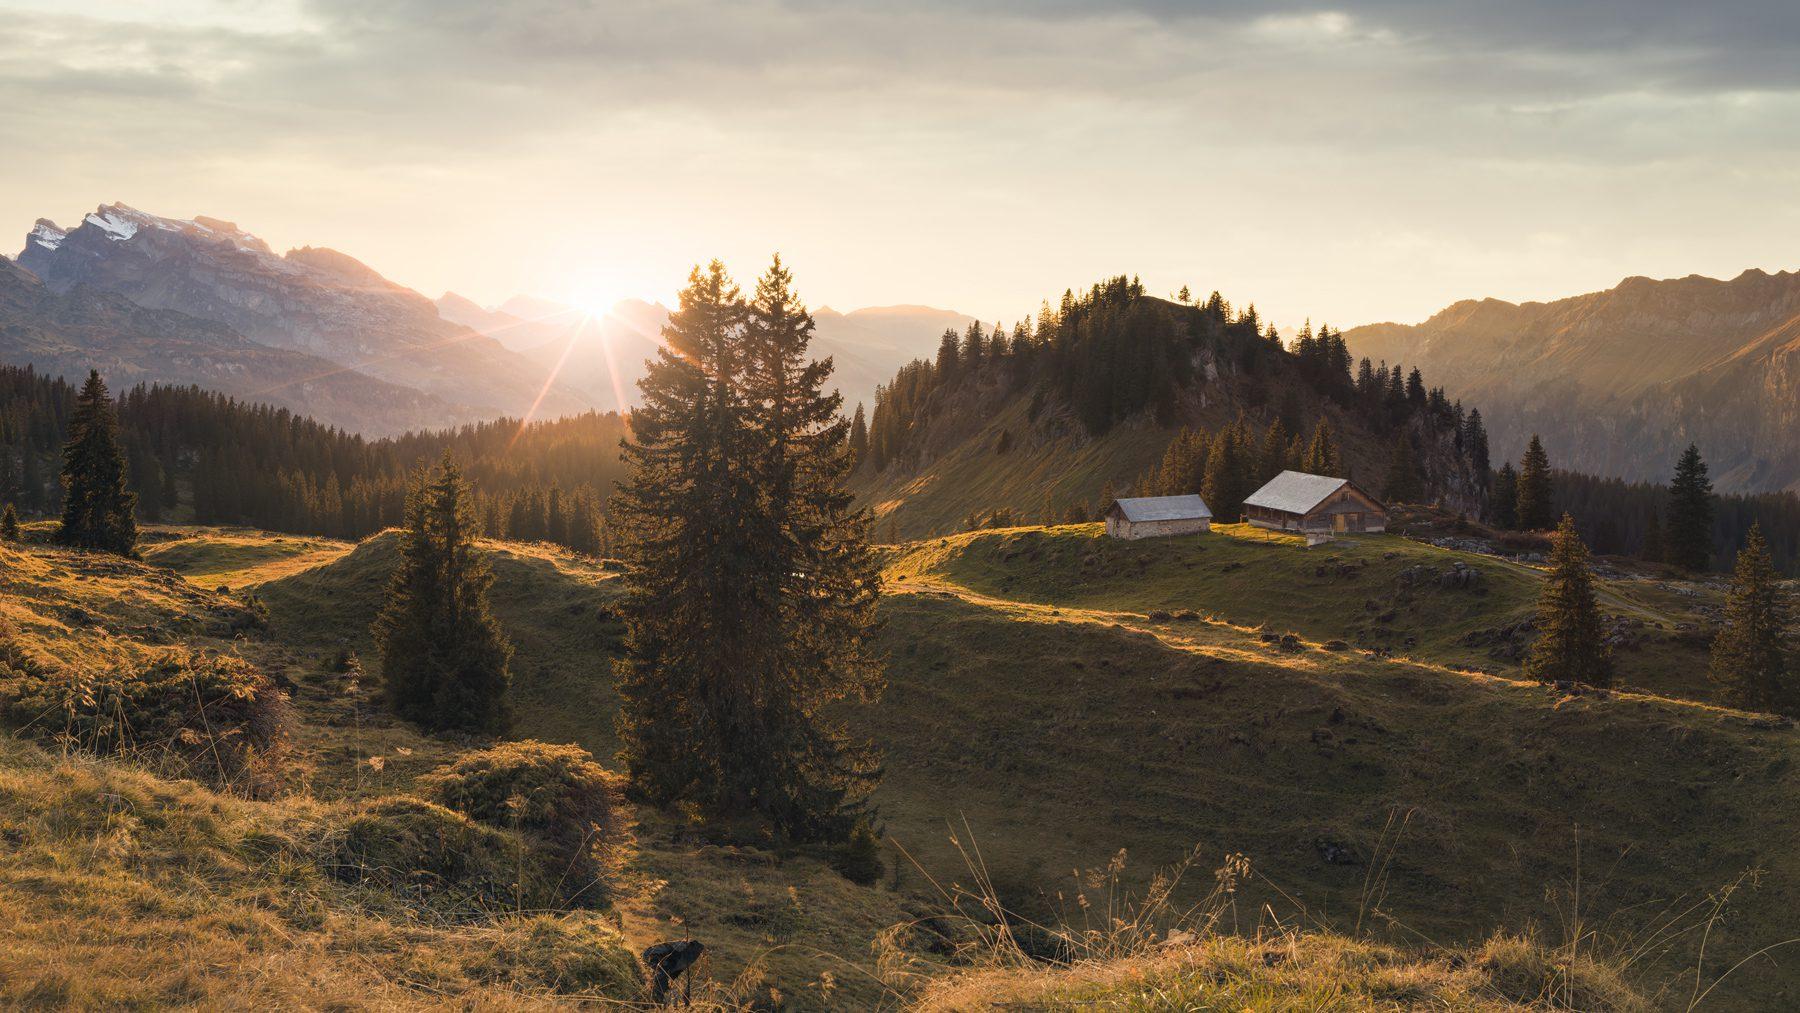 Herbstlicher Sonnenuntergang auf der Bödmeren Alp / Muotathal mit Blick auf Roggenstöckli, Wasserberg, die Rigi, Hoch Ybrig und den Bödmeren Urwald